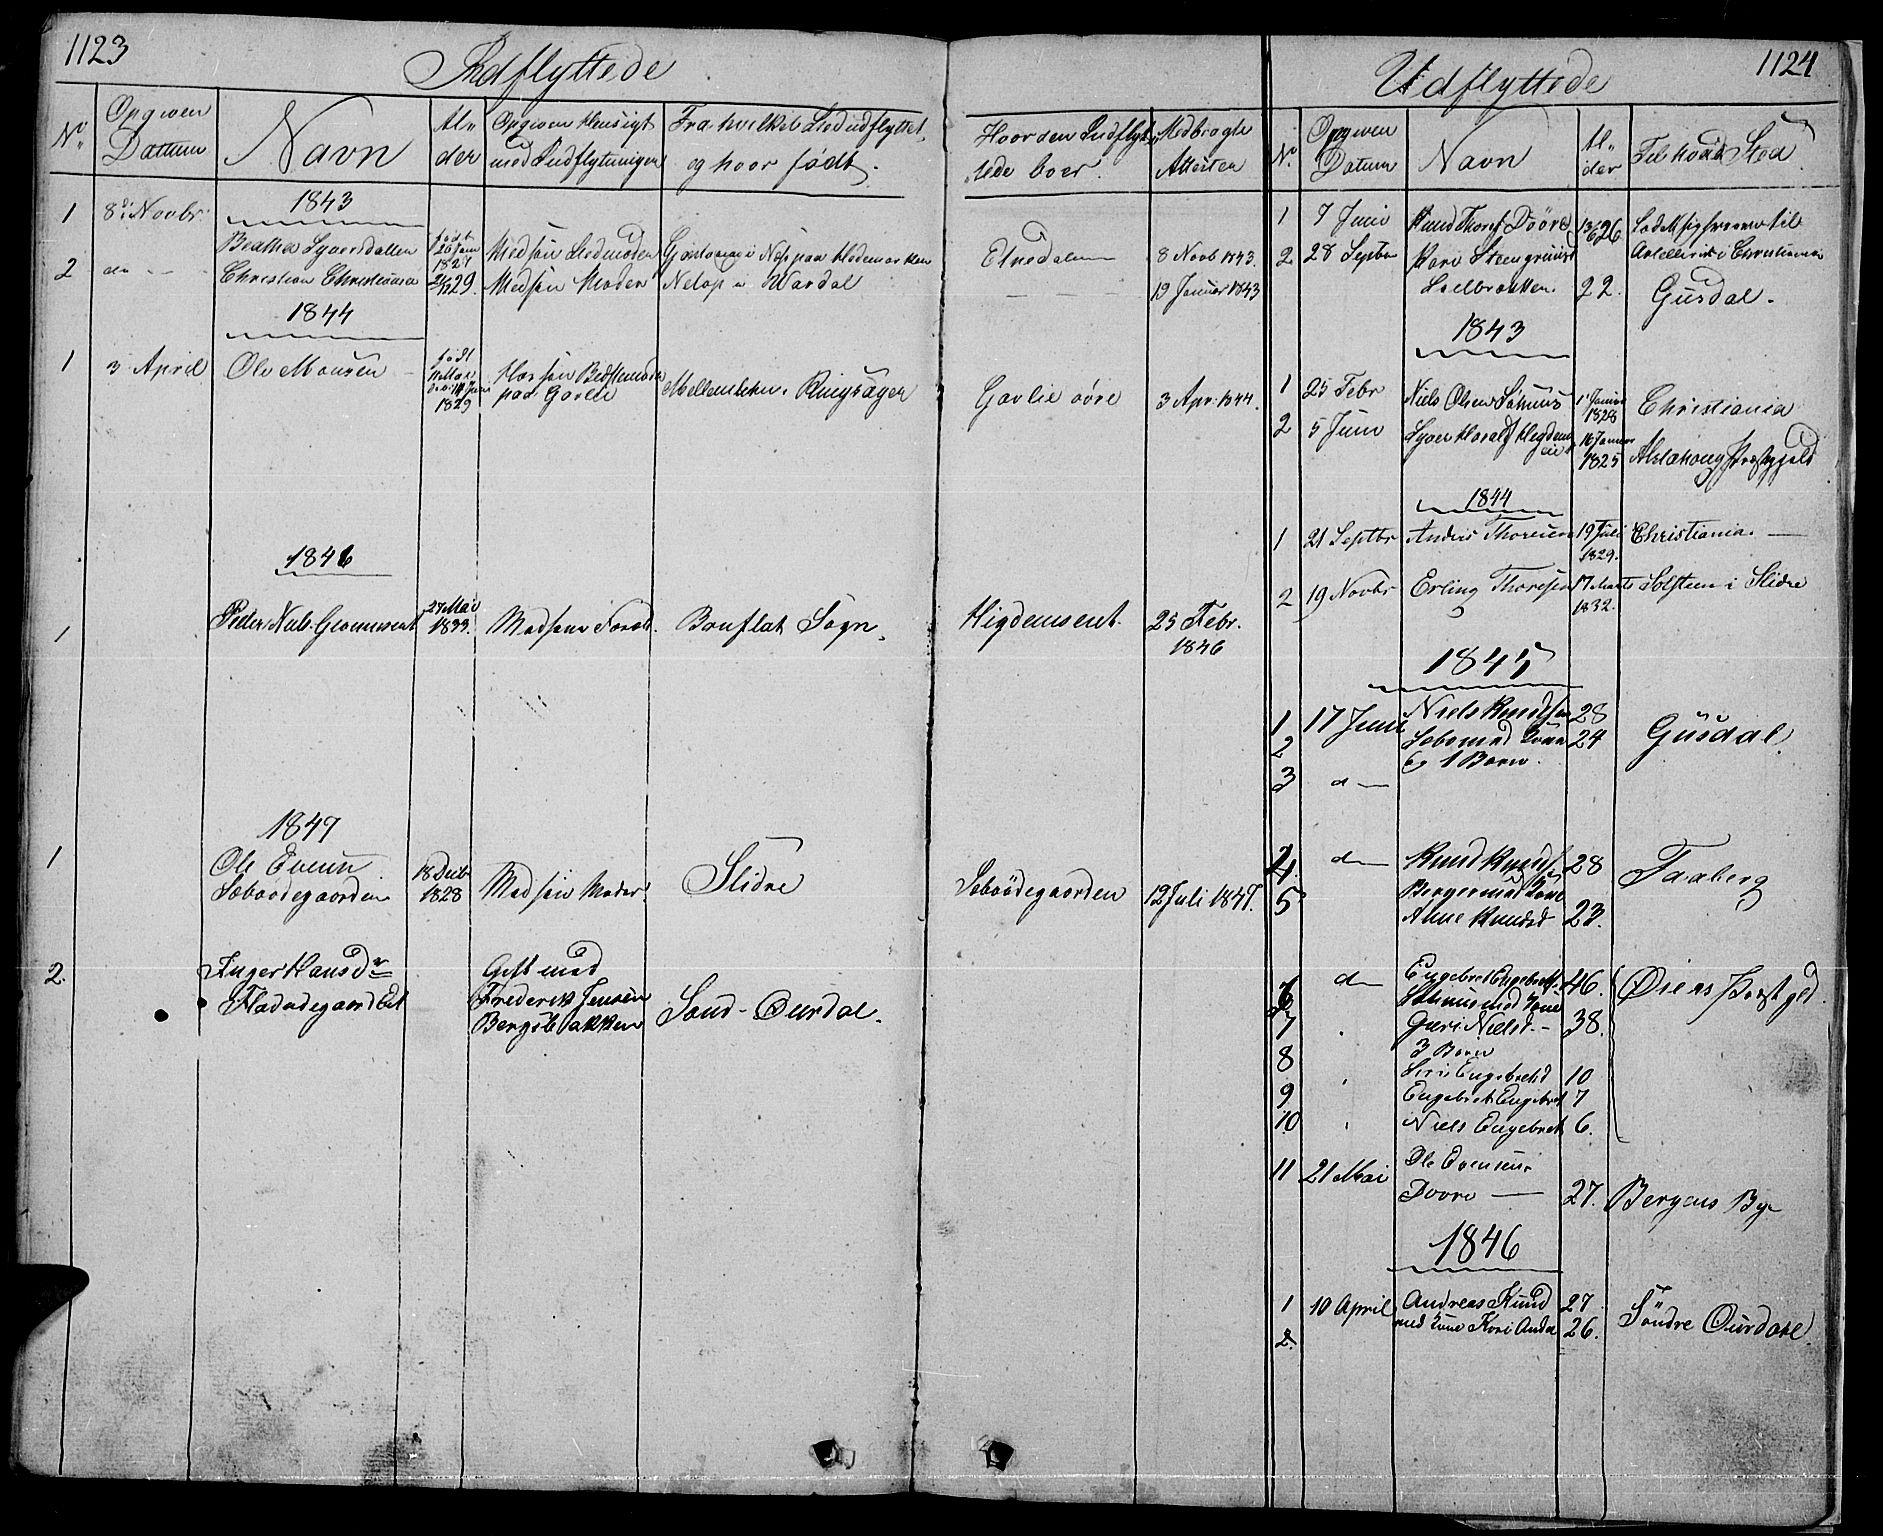 SAH, Nord-Aurdal prestekontor, Klokkerbok nr. 1, 1834-1887, s. 1123-1124